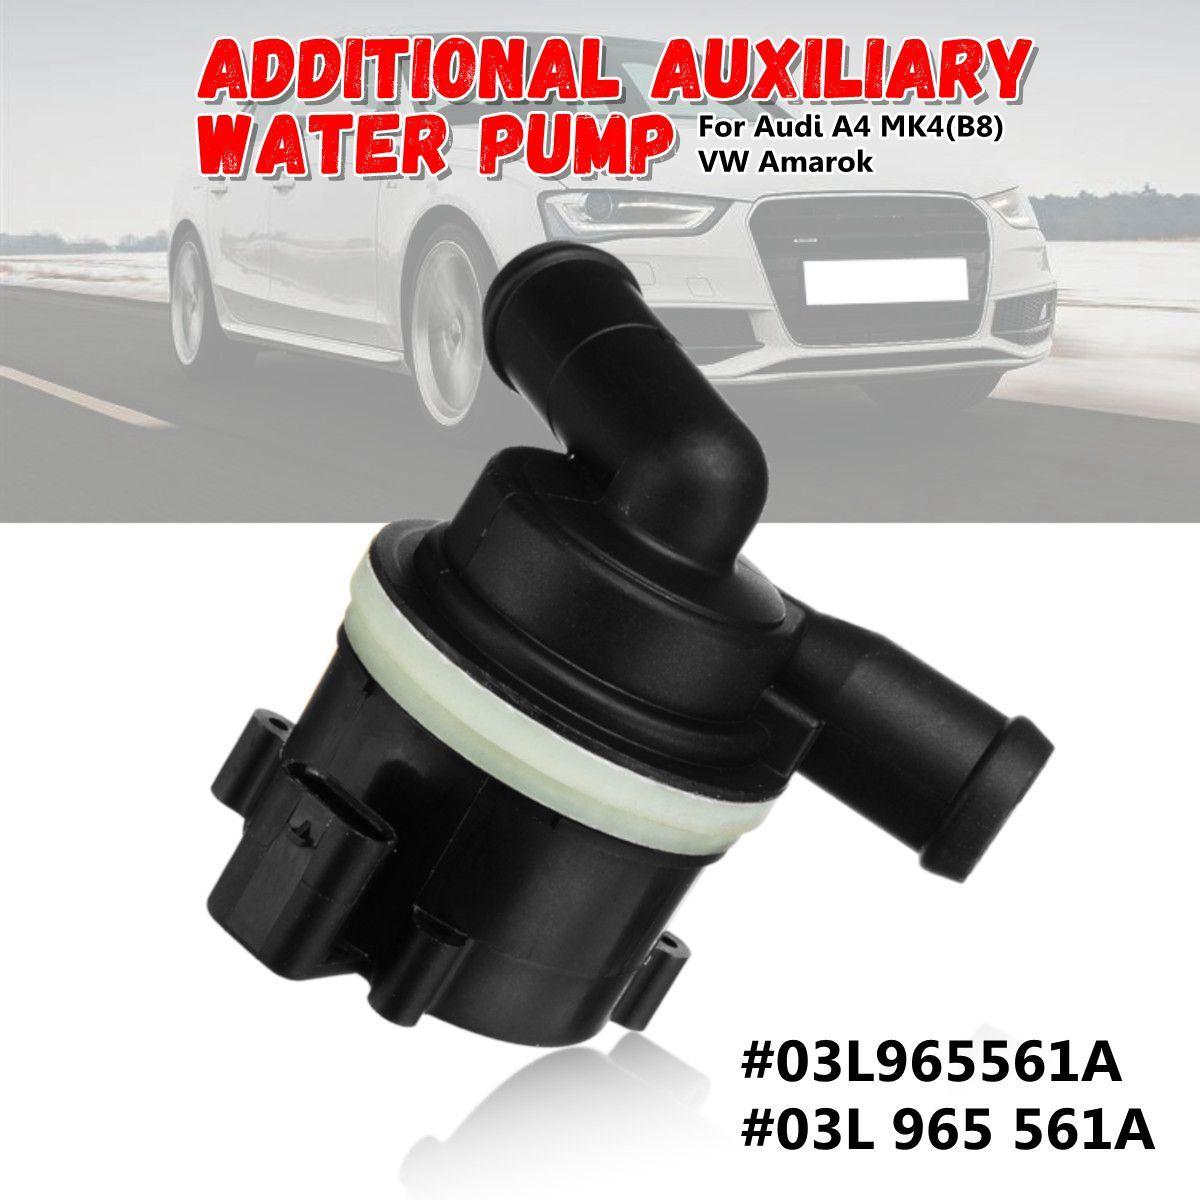 03L965561A 03L 965 561A Sekundäre Kühlmittel Zusätzliche Hilfs Wasser Pumpe für Audi A4 MK4 (B8) für VW Amarok 2008-2015